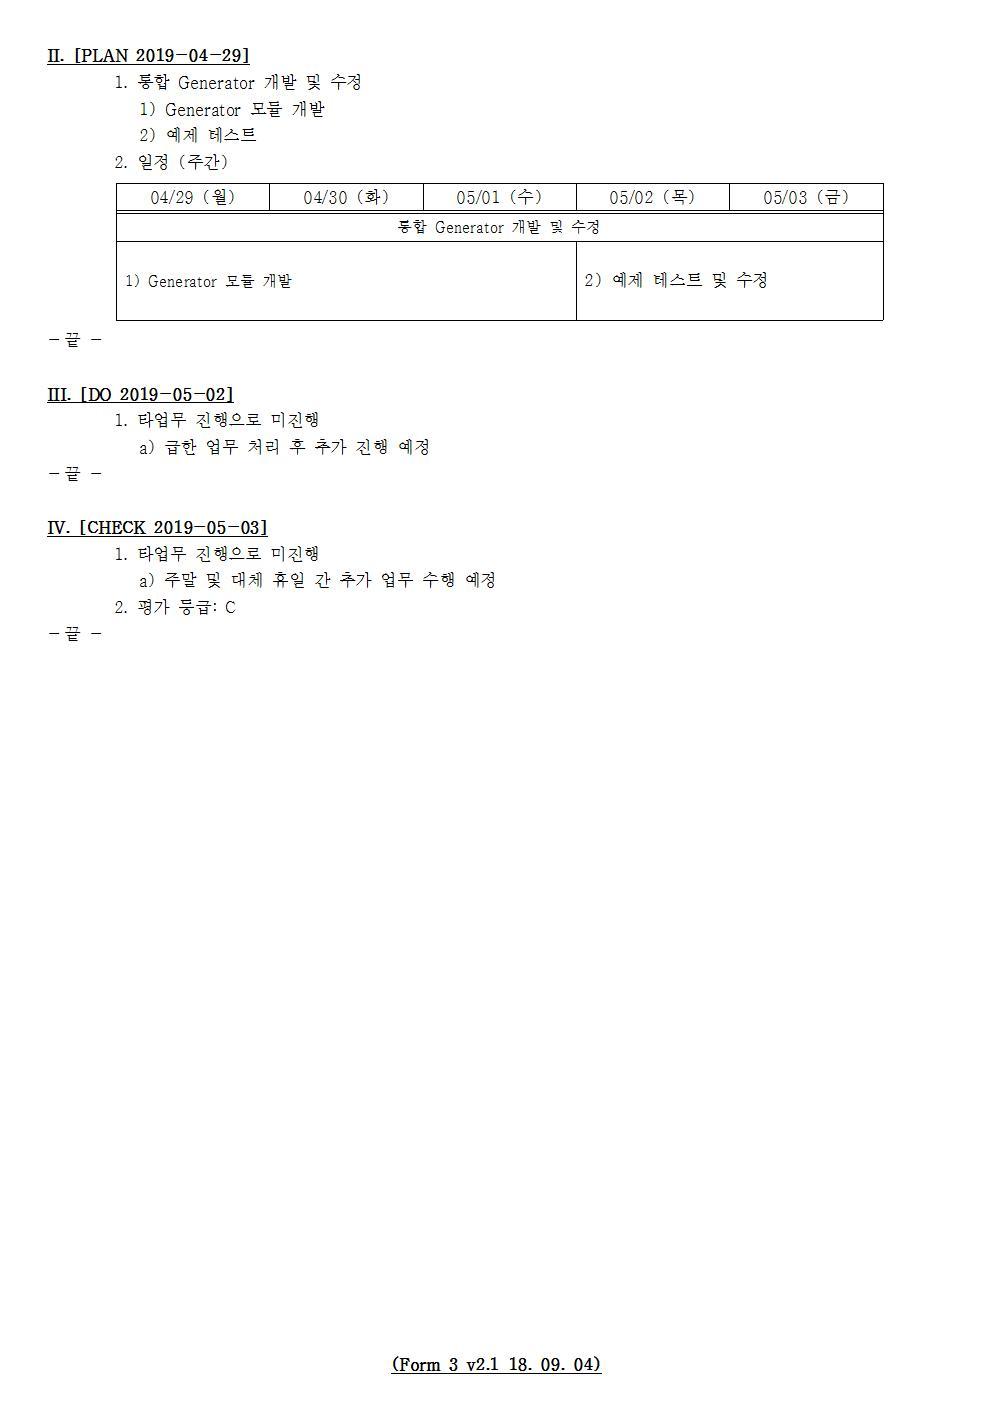 D-[19-003-RD-03]-[Tool-SRRE-1.X]-[2019-05-03][JS]002.jpg